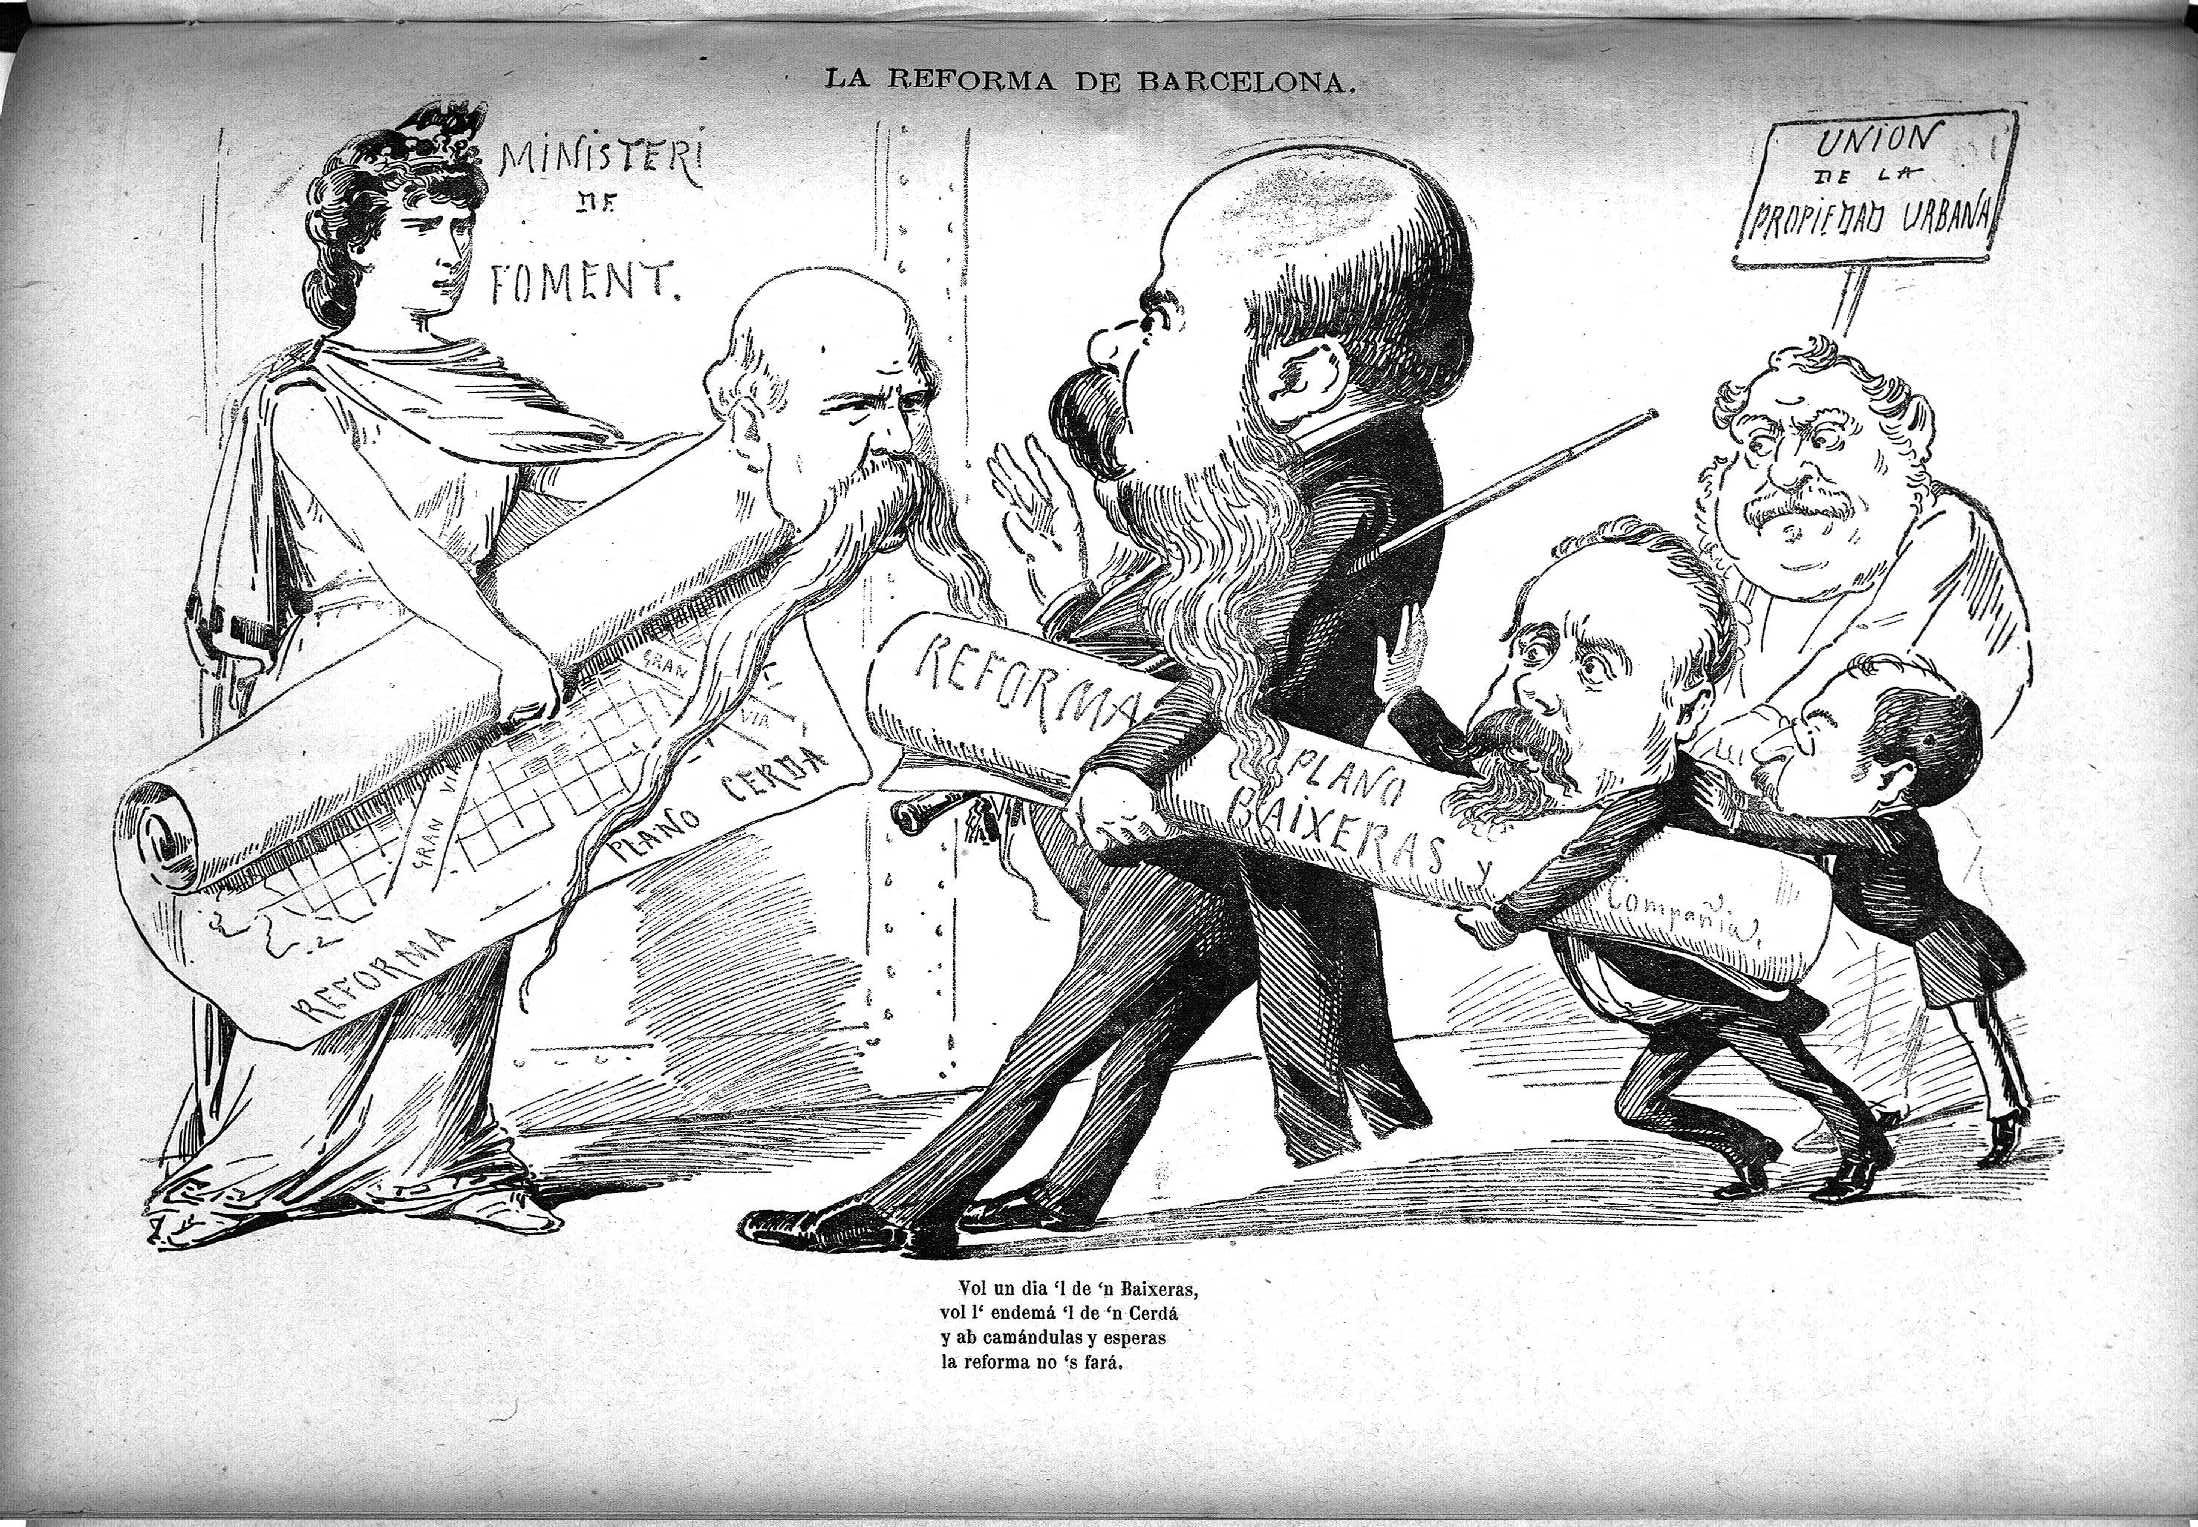 Esquella de la Torratxa, L'. Núm. 236, 28 juliol 1883, pàgina 4. Il·lustració satírica sobre els plans Cerdà i Baixeras de reforma urbanística de la ciutat.